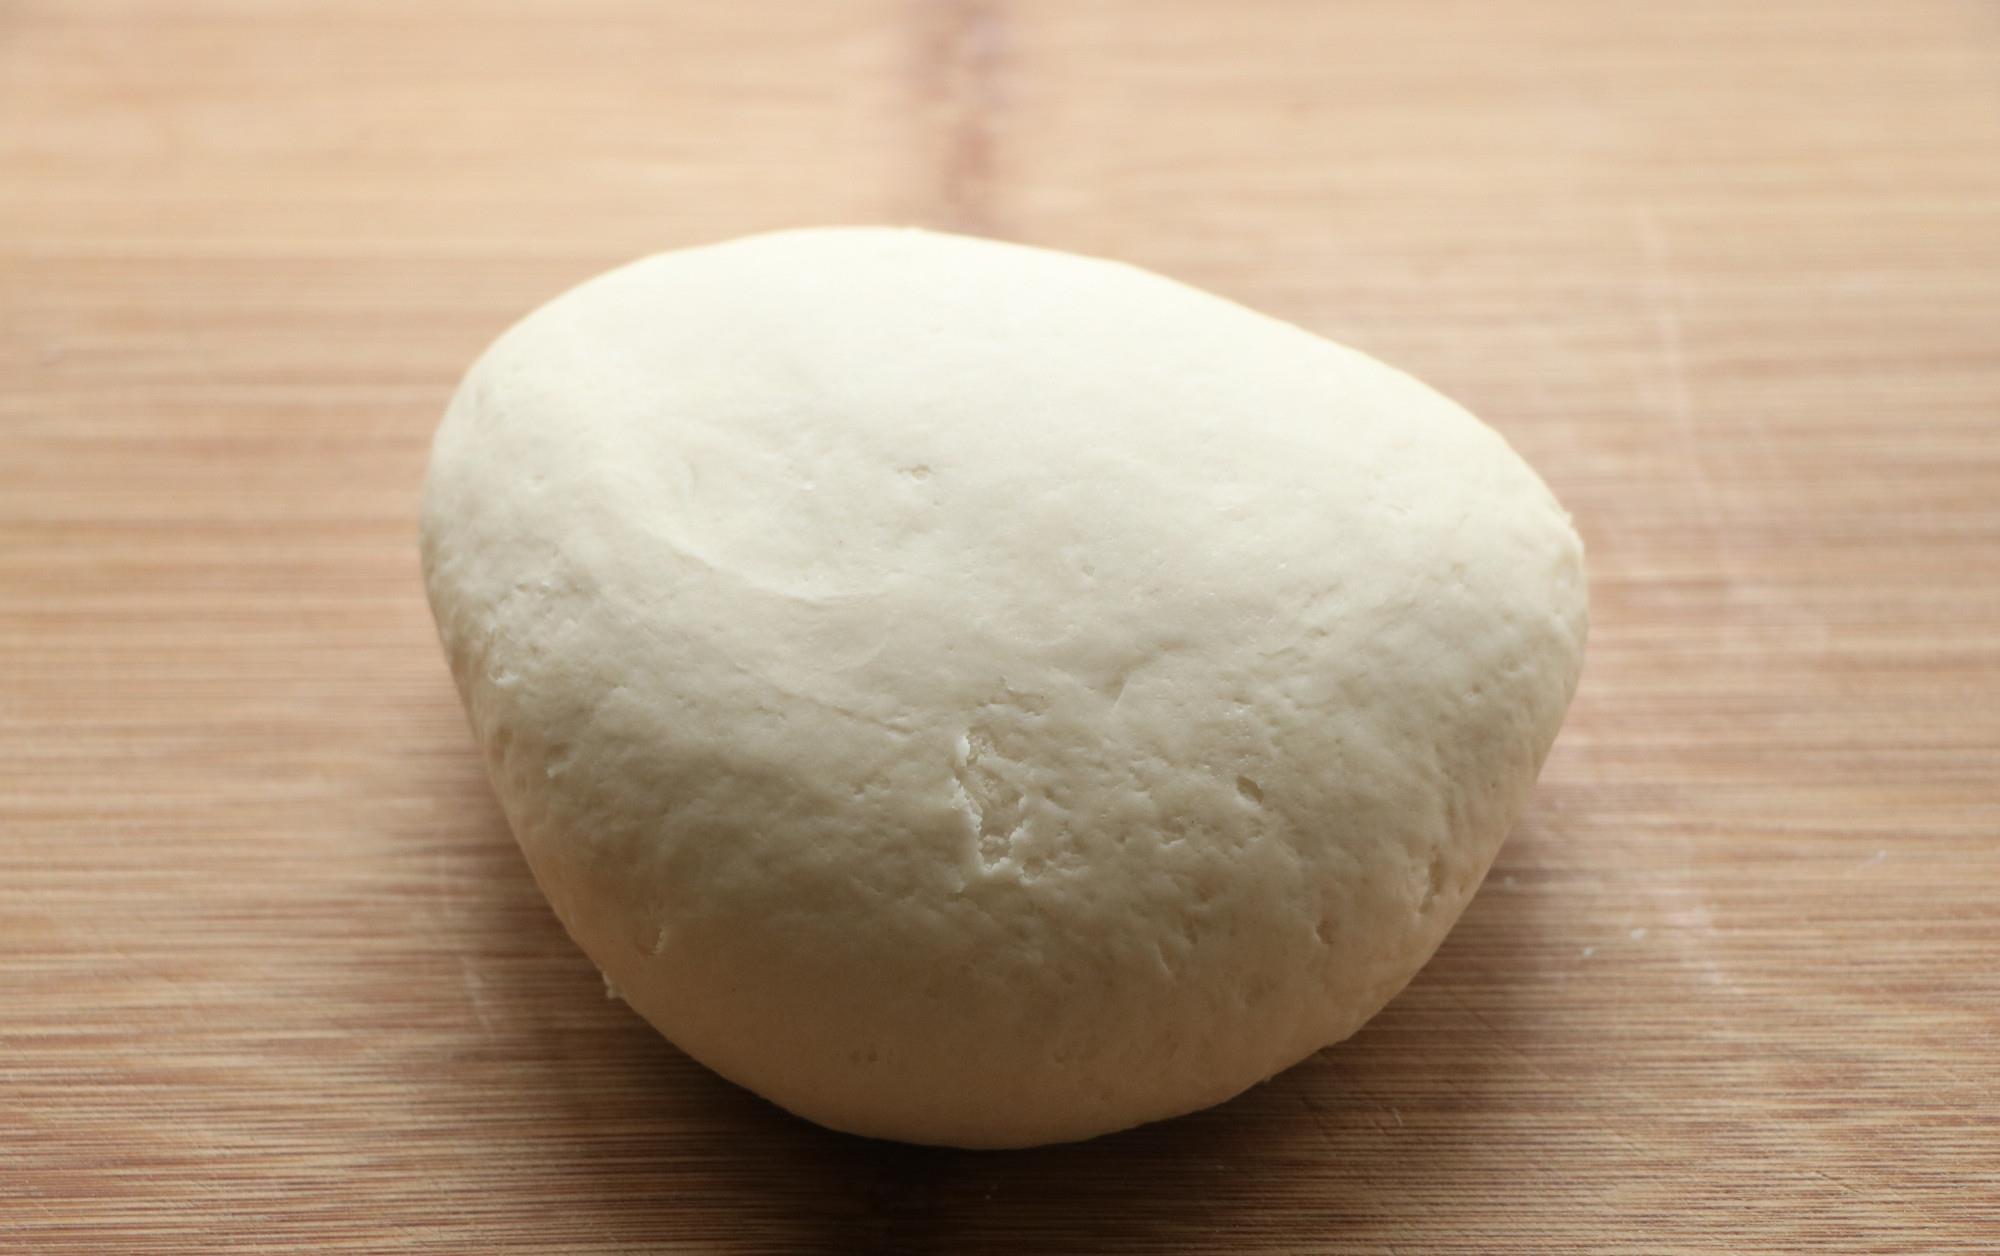 Bí quyết làm há cảo siêu dễ, làm 1 lần để dành ăn cả tuần, chiên hay hấp đều ngon hết sảy - 3